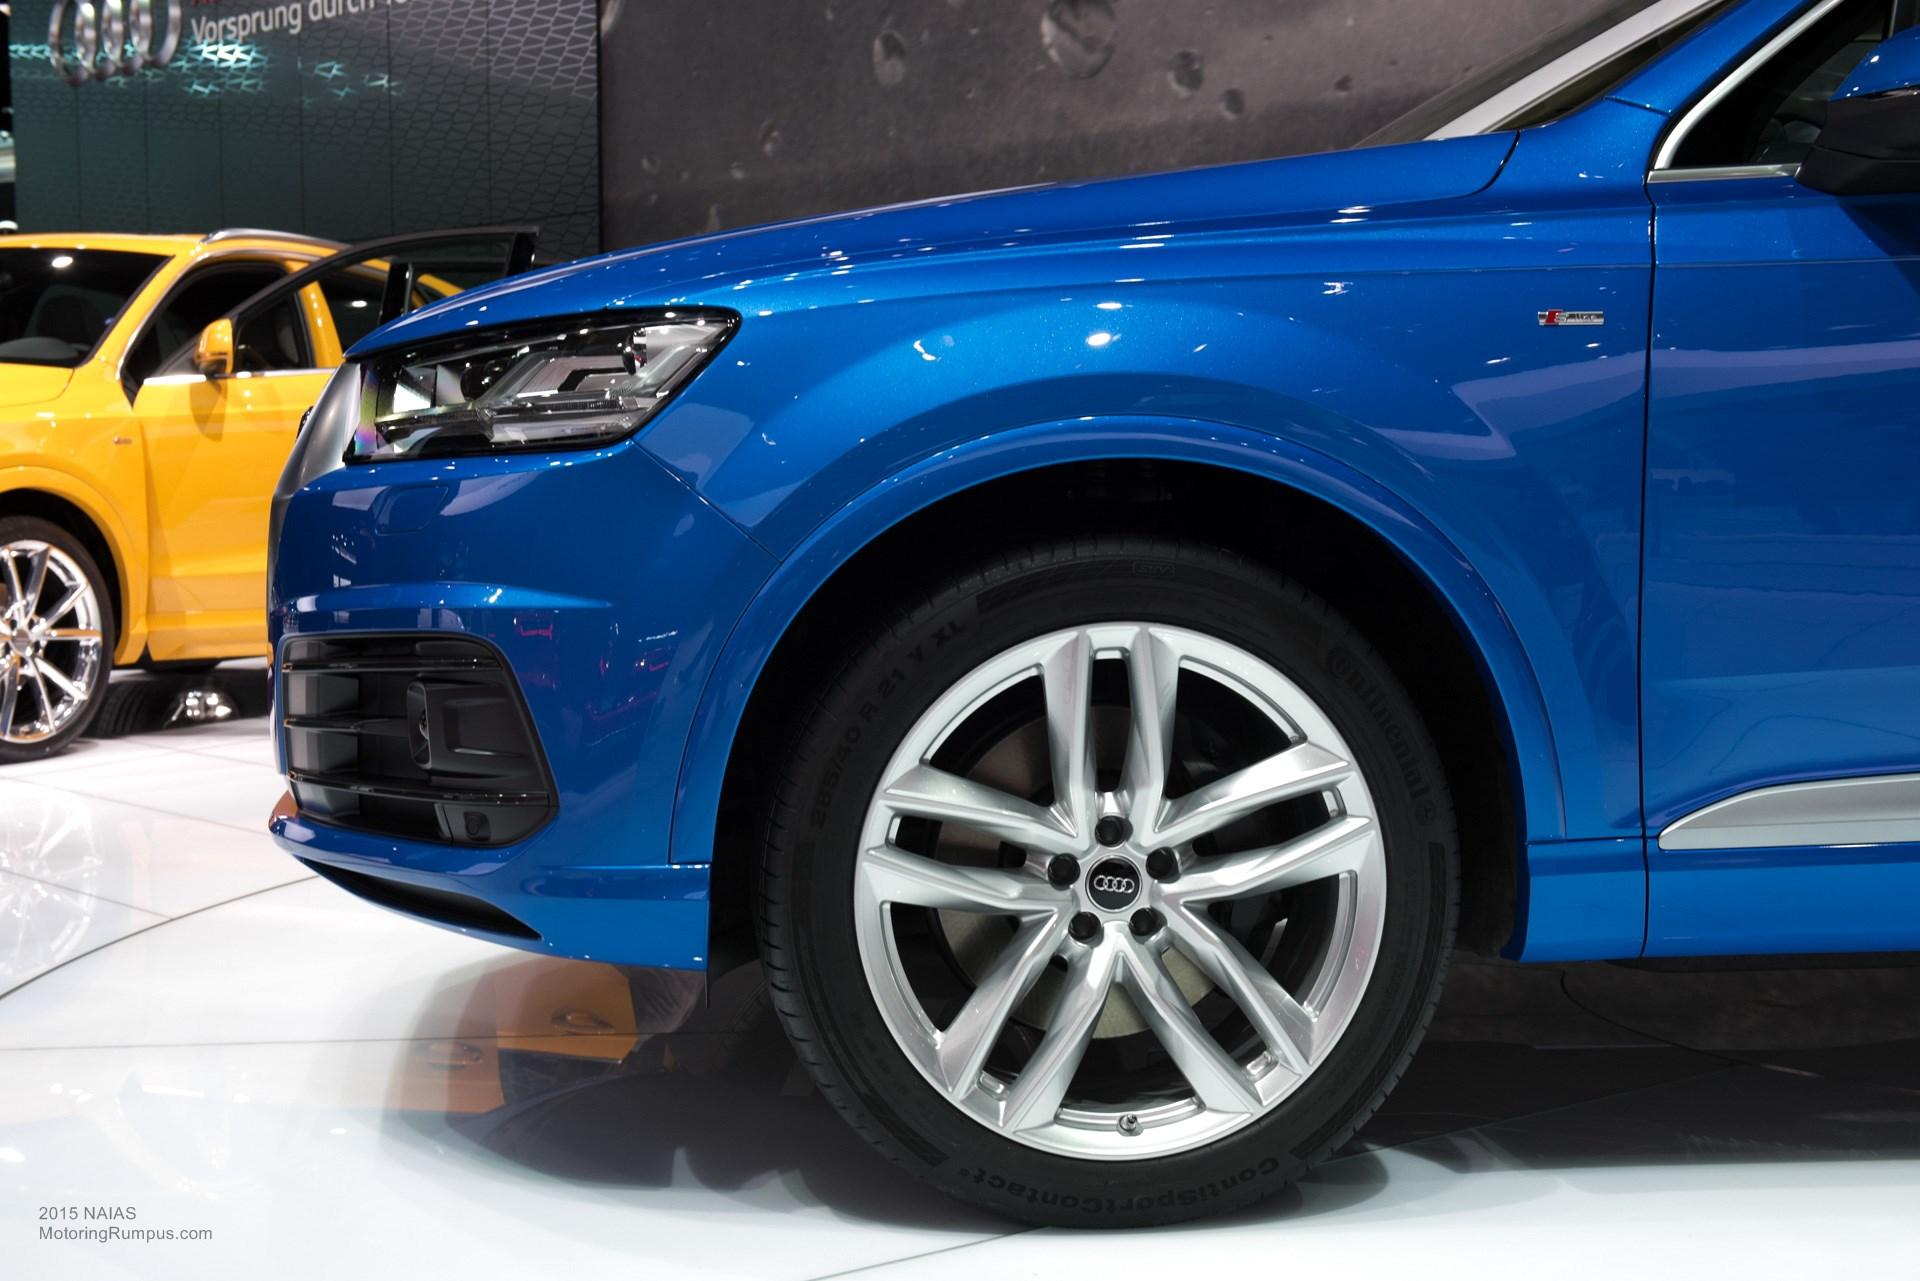 2015 NAIAS Audi Q7 21-inch Wheels